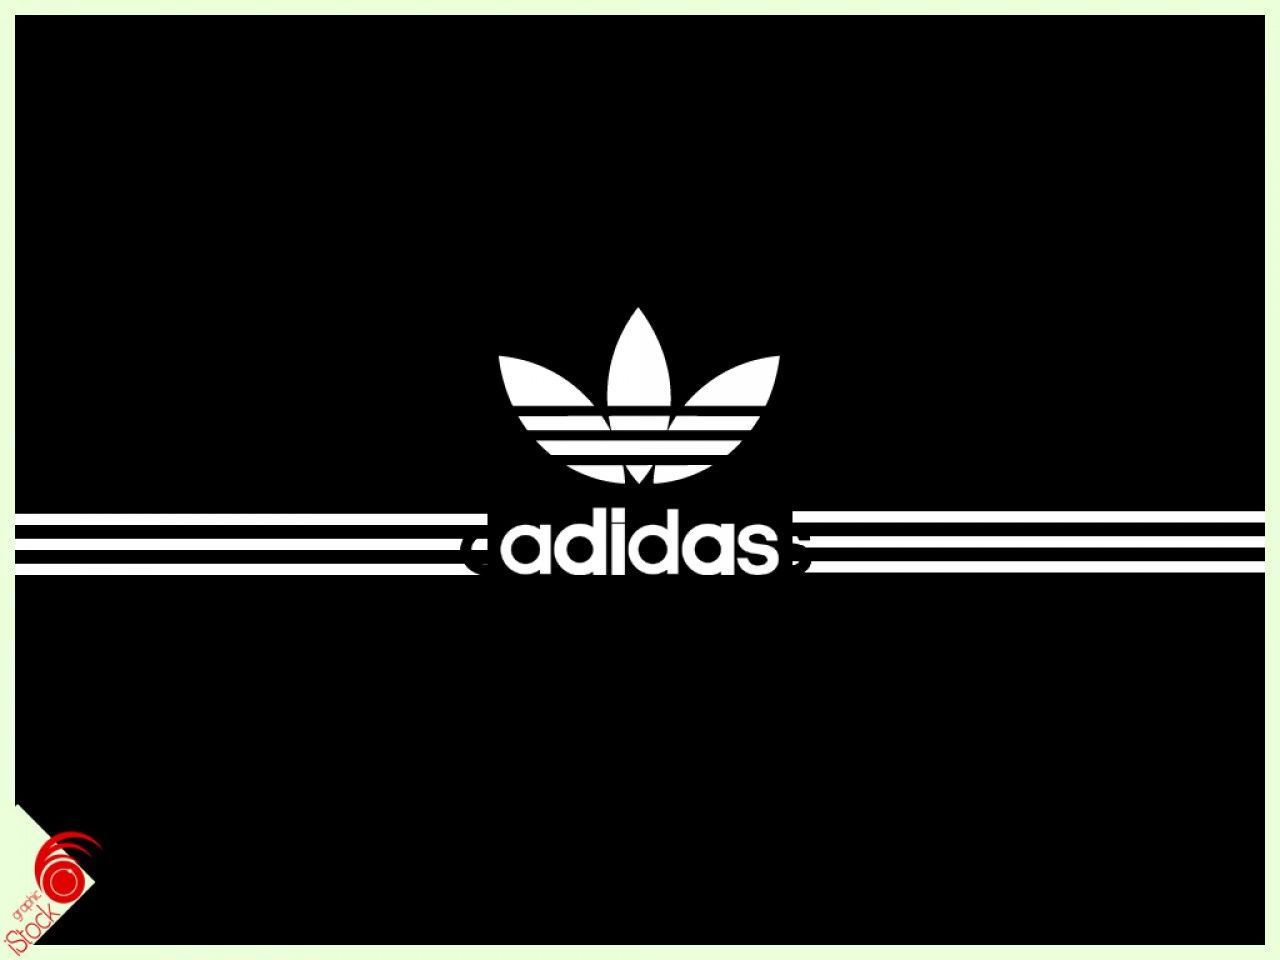 Máquina de recepción Razón sombra  Fondos de pantalla de Adidas - FondosMil